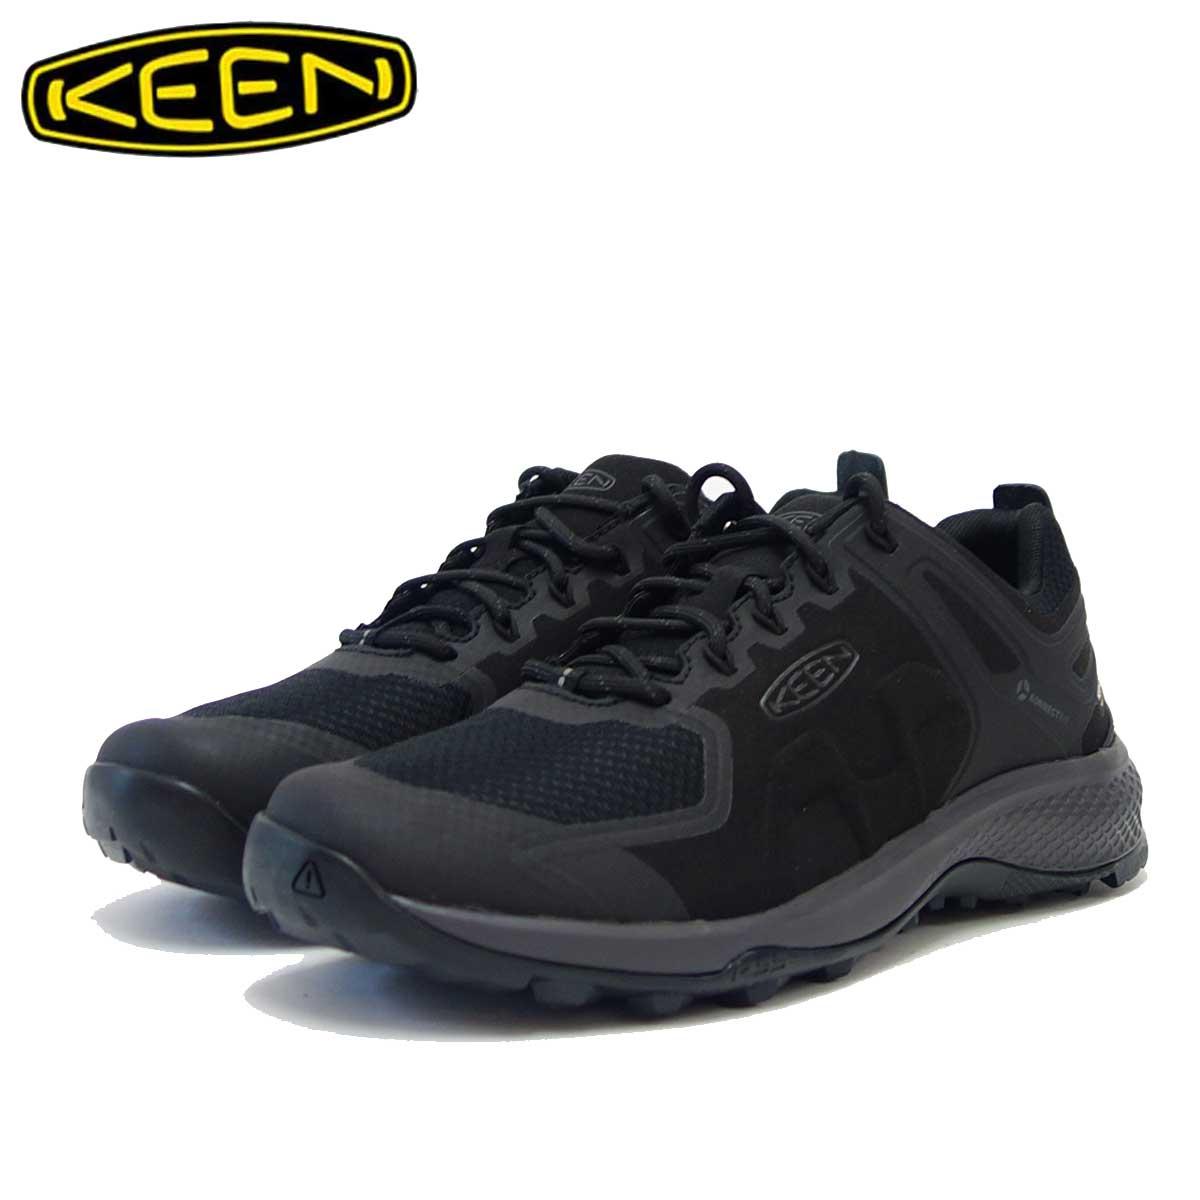 KEEN キーン EXPLORE WP 1021611(メンズ) ブラック エクスプロール ウォータープルーフ 「靴」